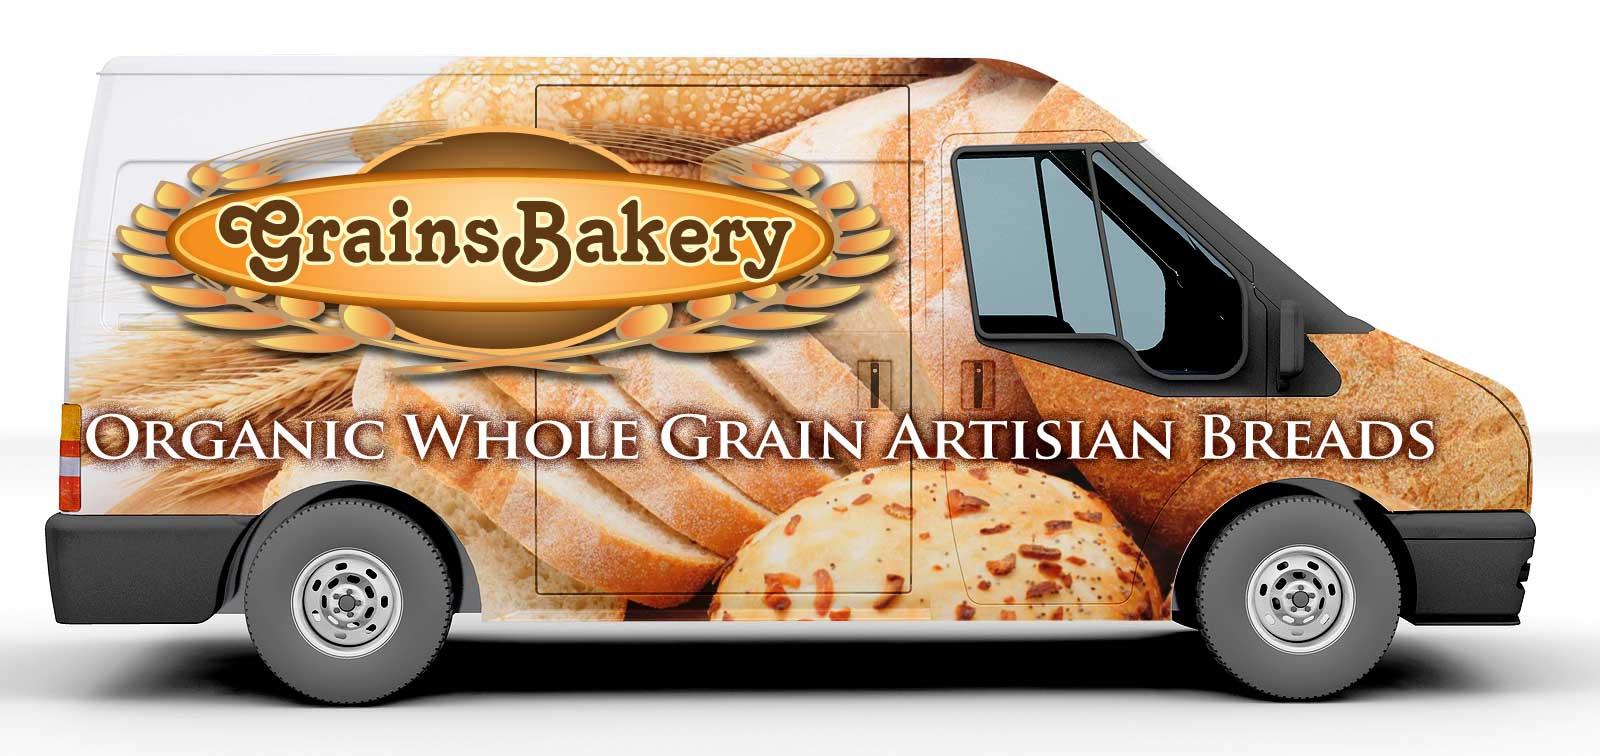 Car-wrap-Bakery-2-emilio-ruiz.jpg